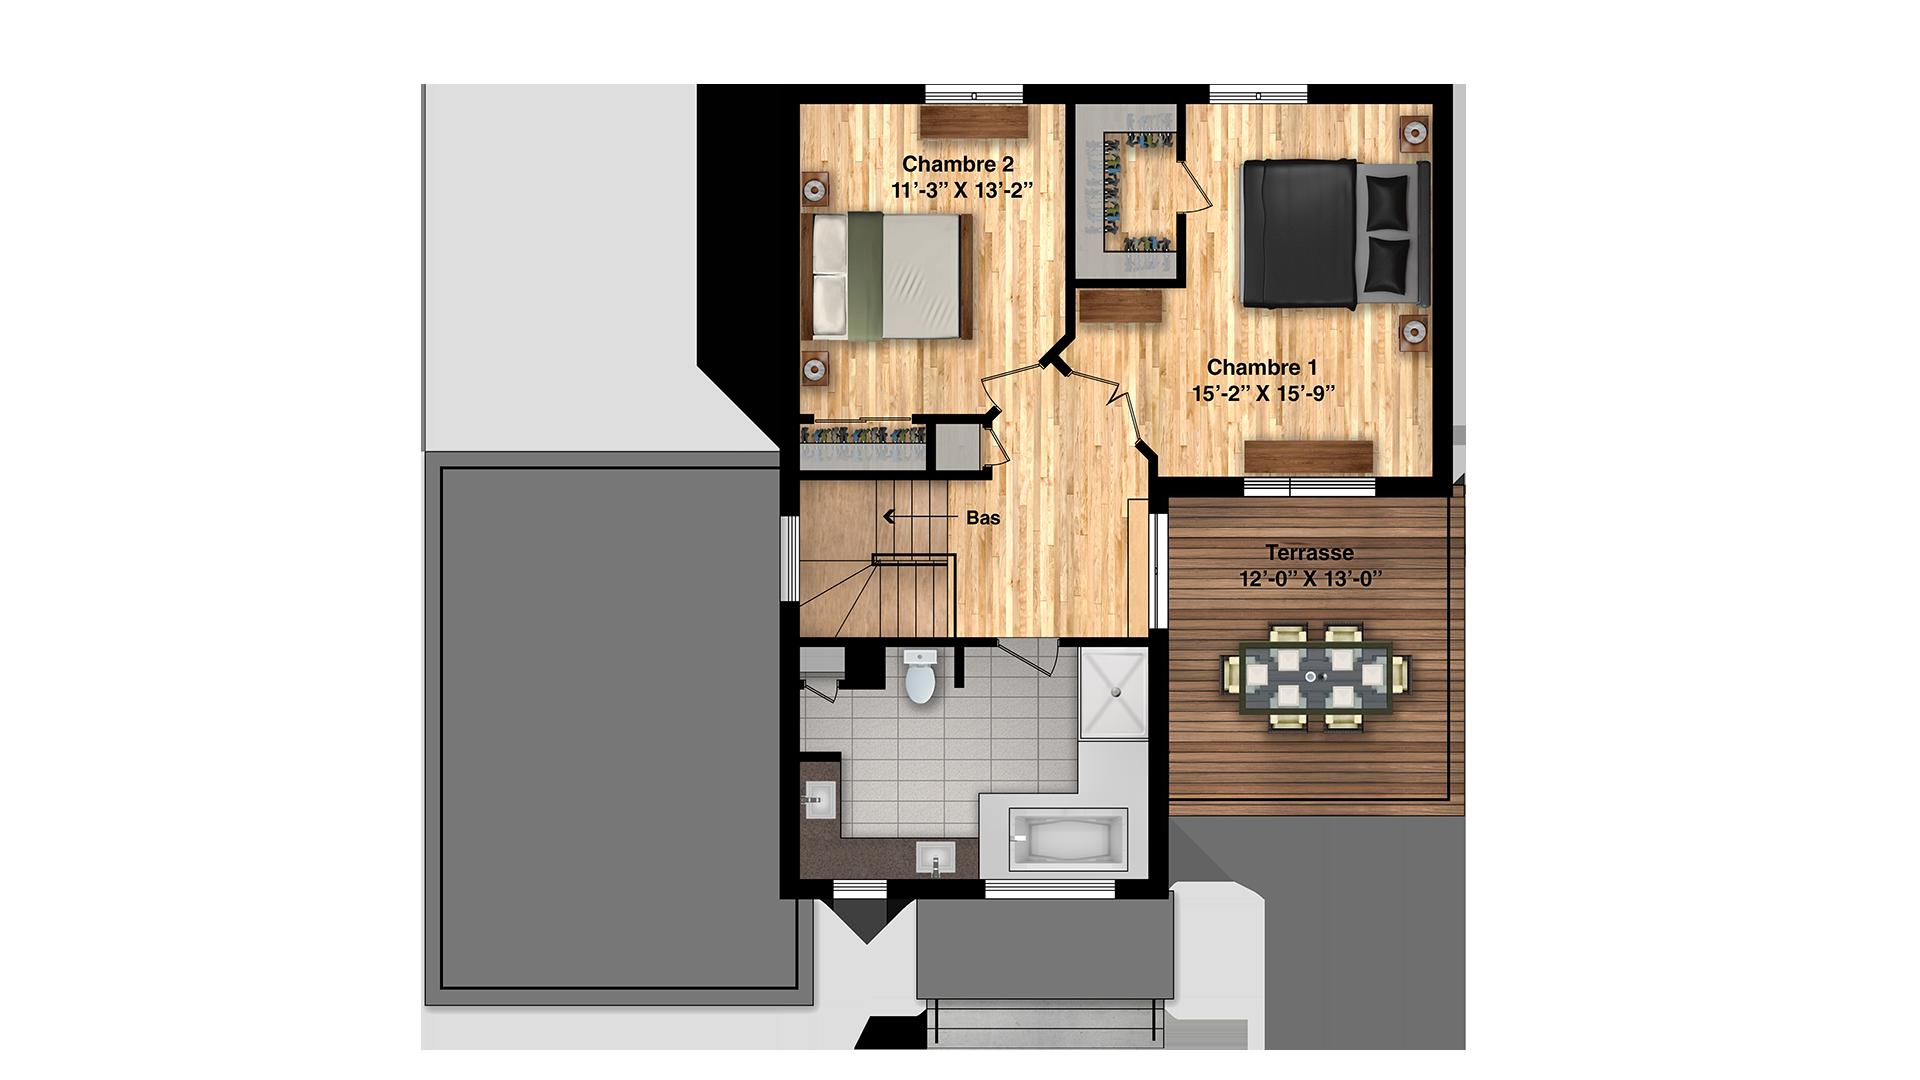 sandiego-plan-plancher-etage